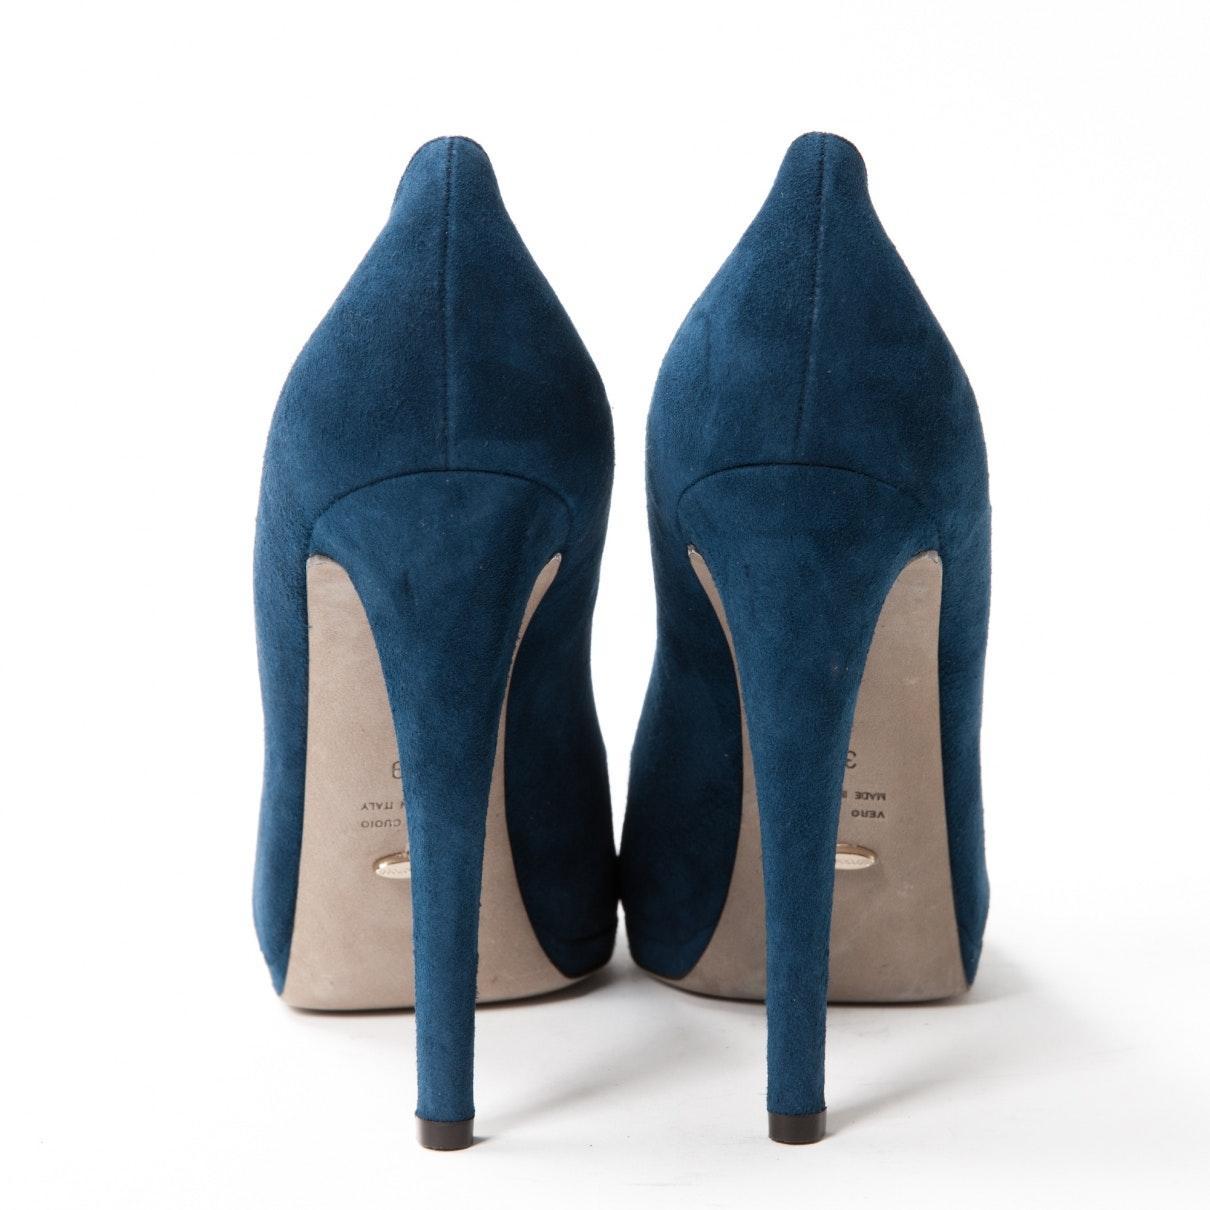 Tacones en ante azul Sergio Rossi de Ante de color Azul